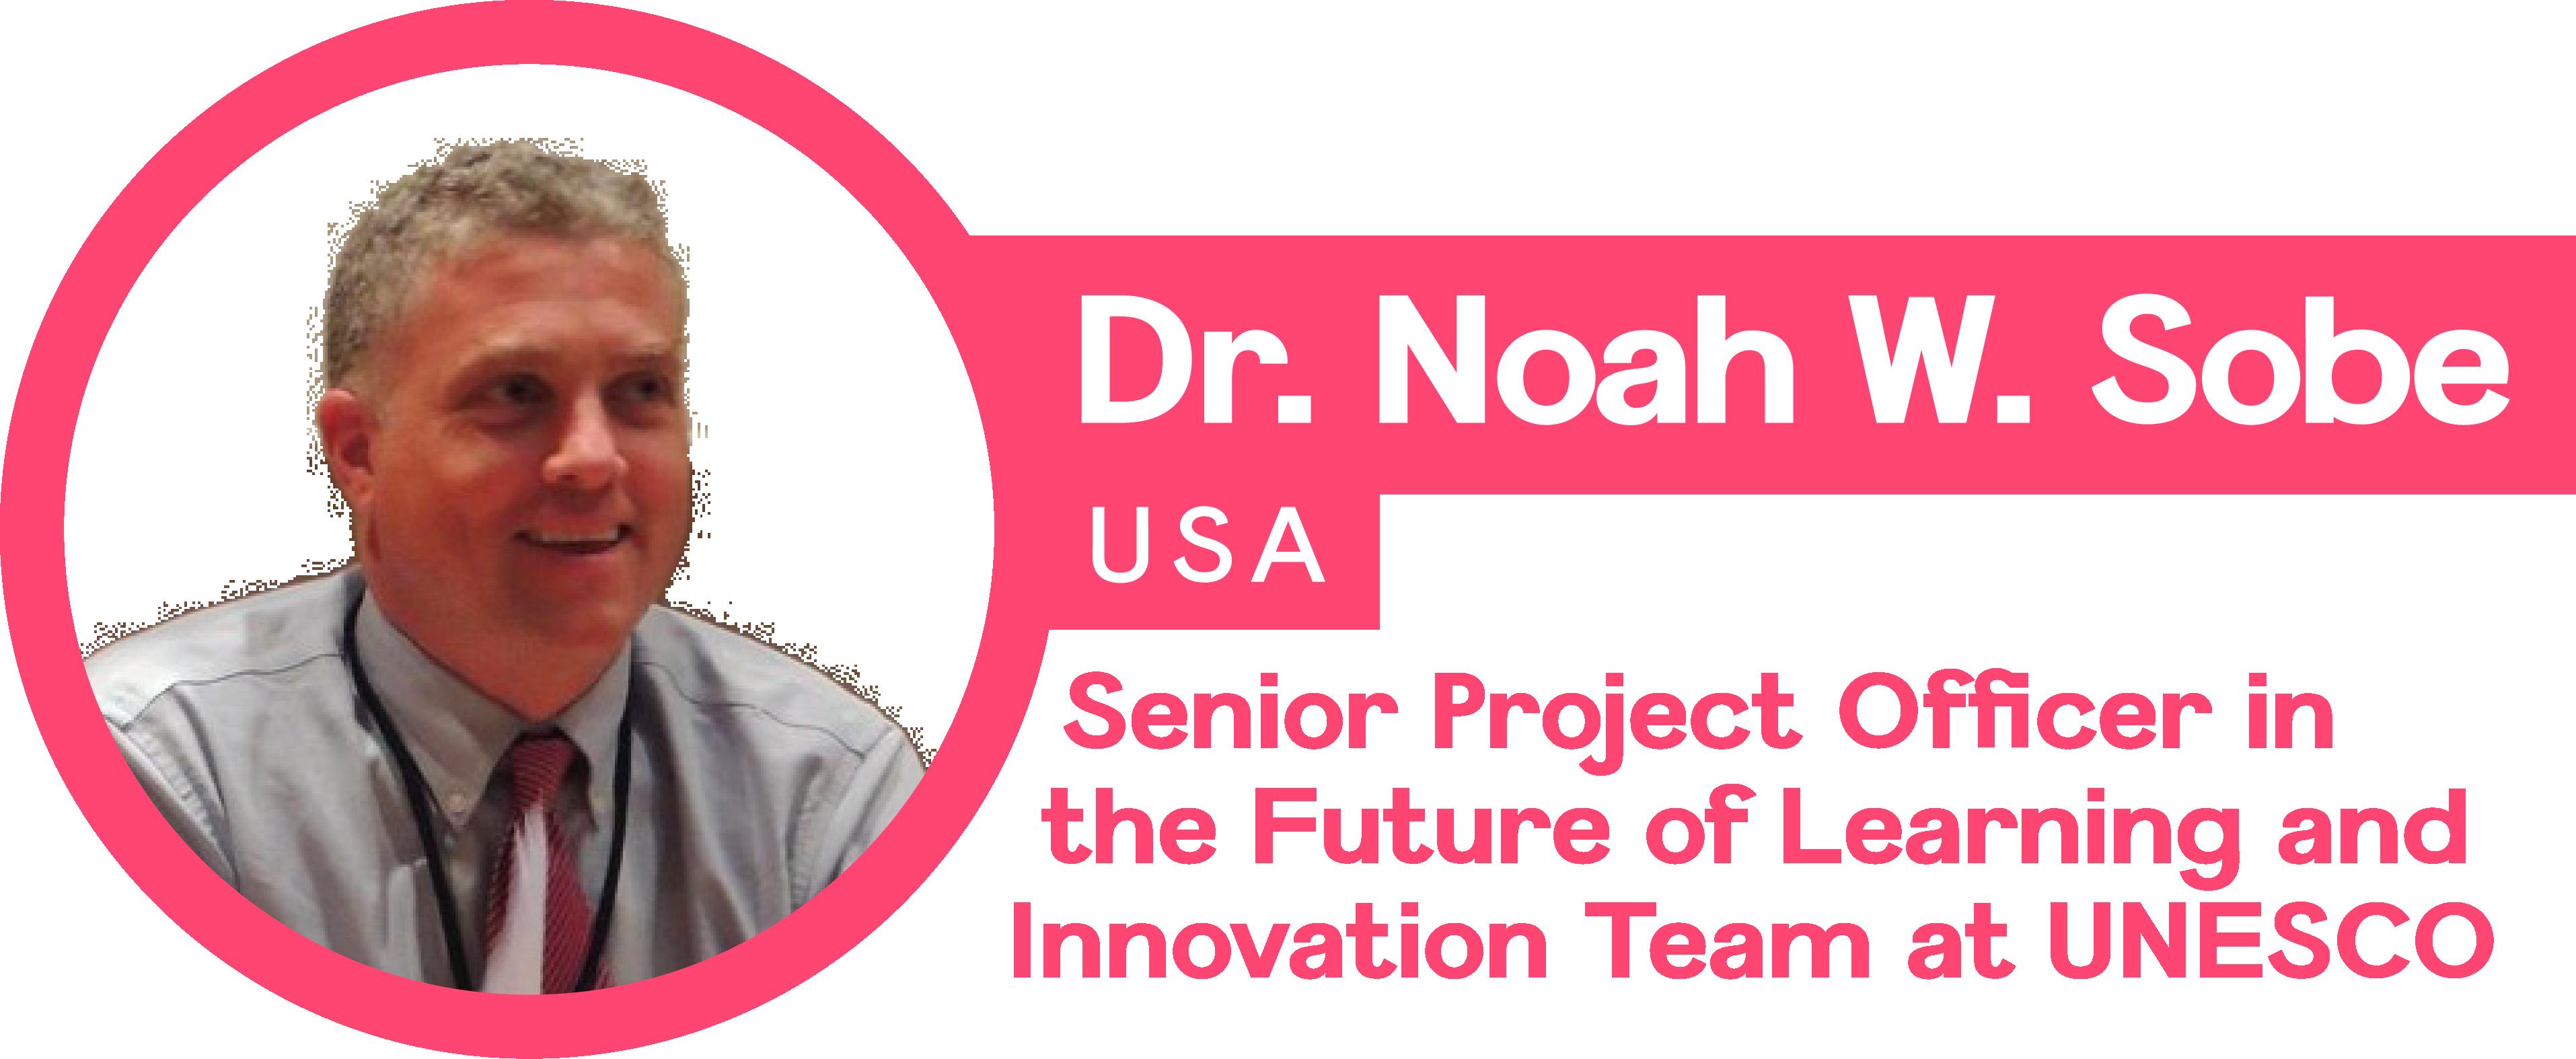 Dr. Noah W. Sobe